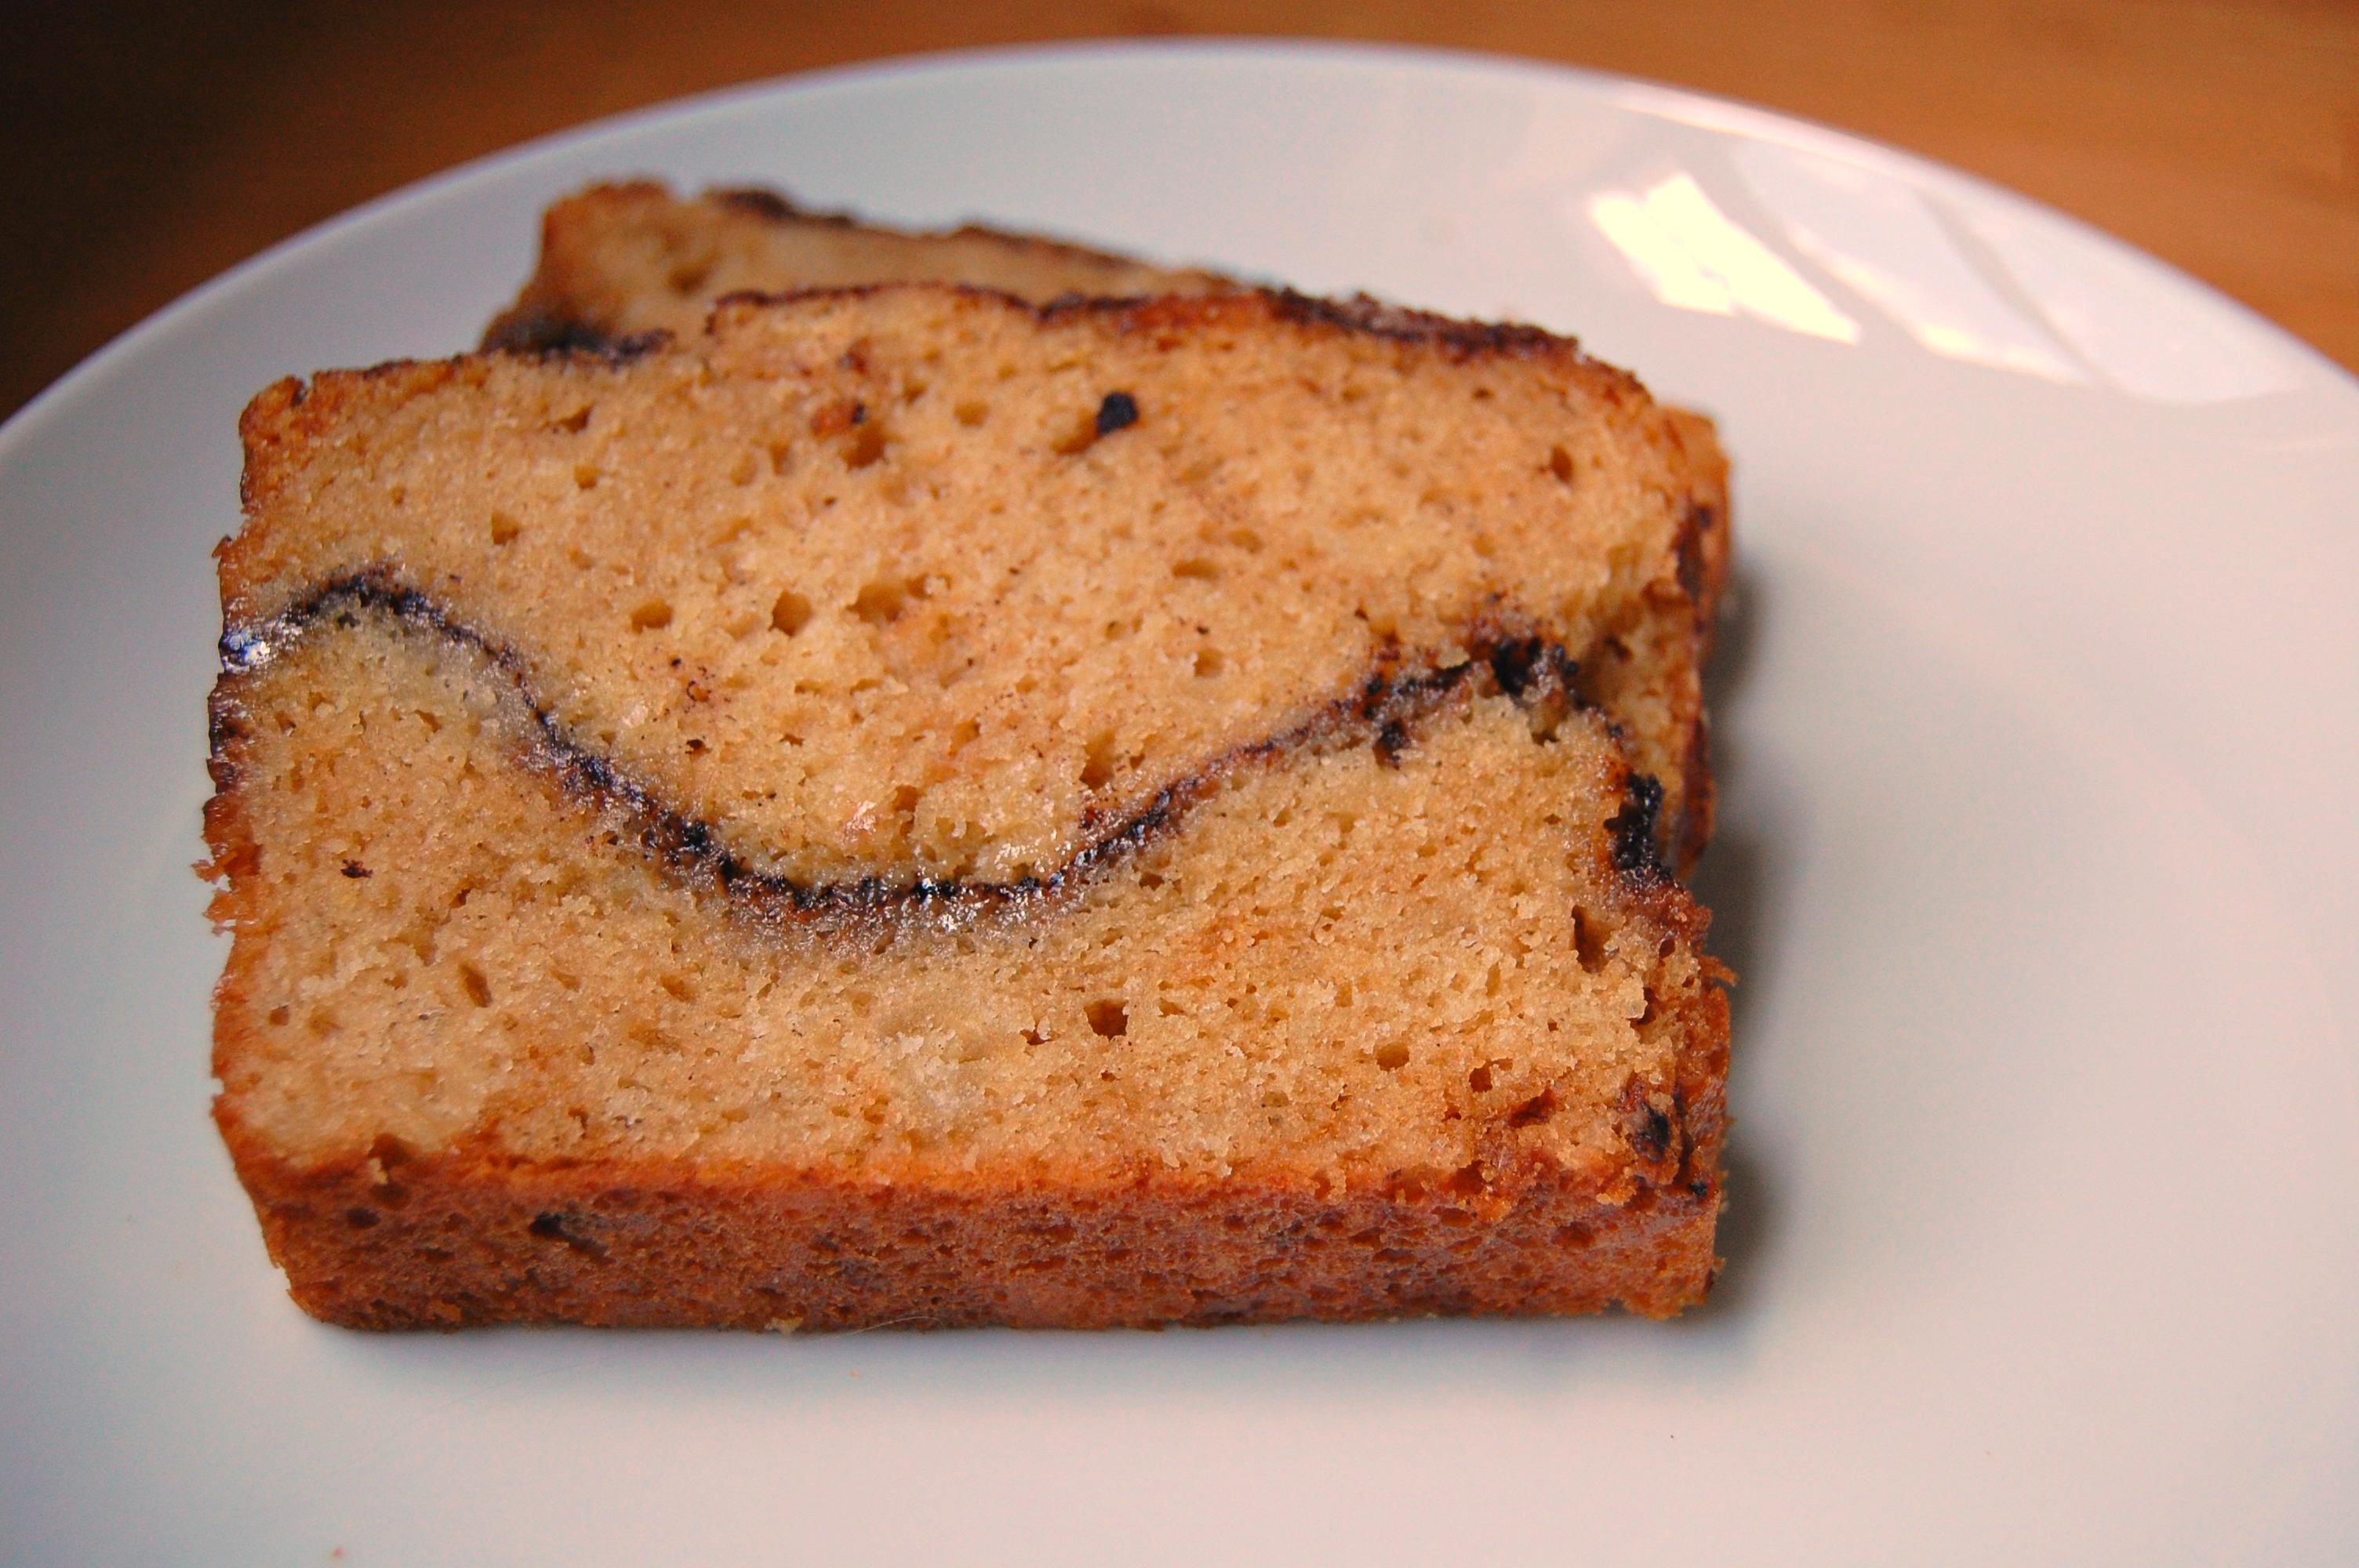 cinnamon swirl bread DSC_0423